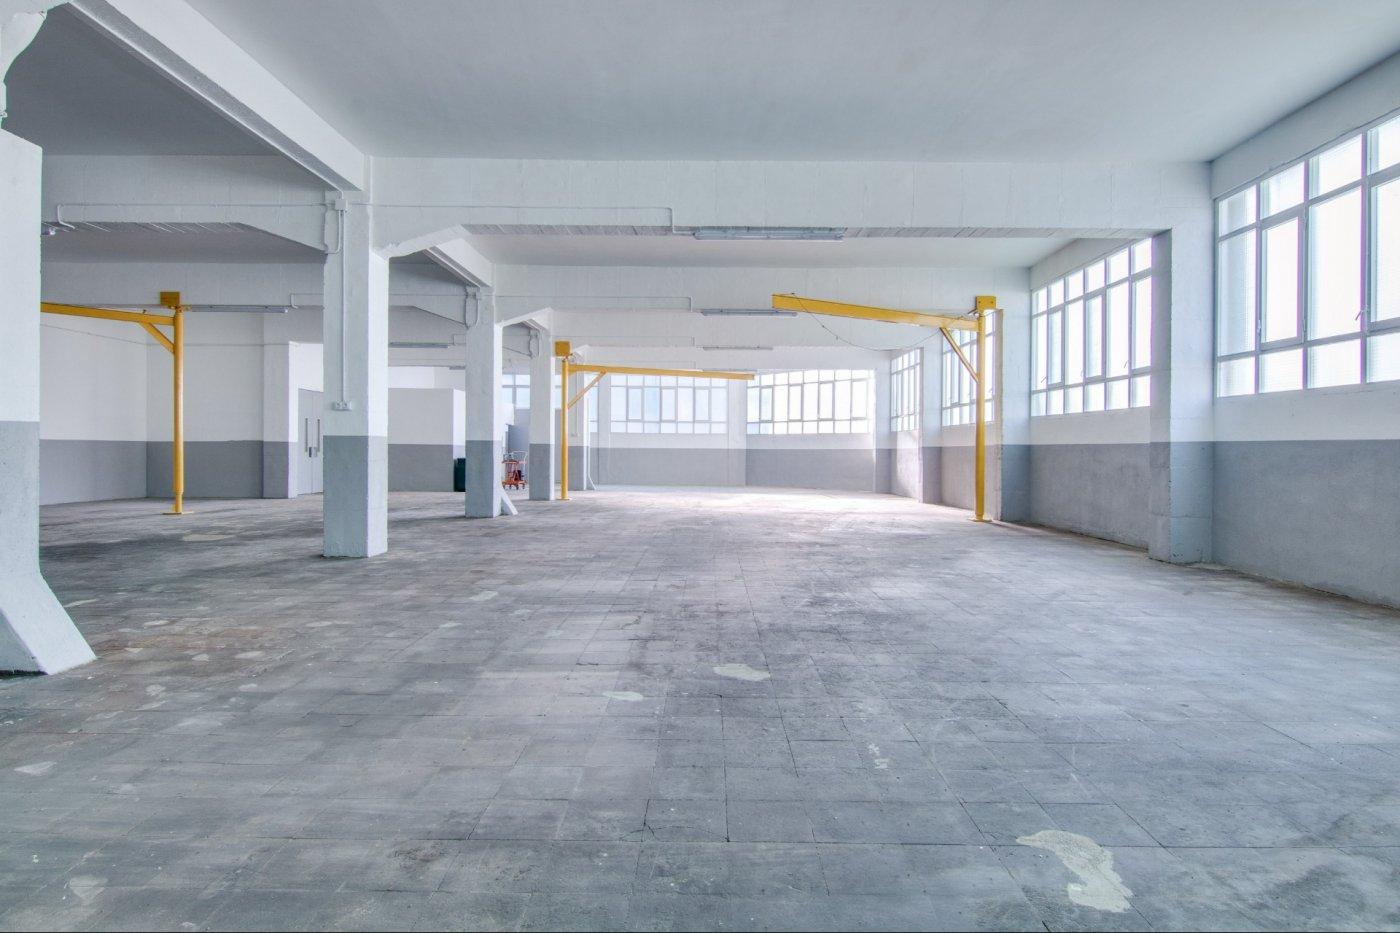 Location Bâtiment à usage industriel  Esplugues de llobregat ,el gall